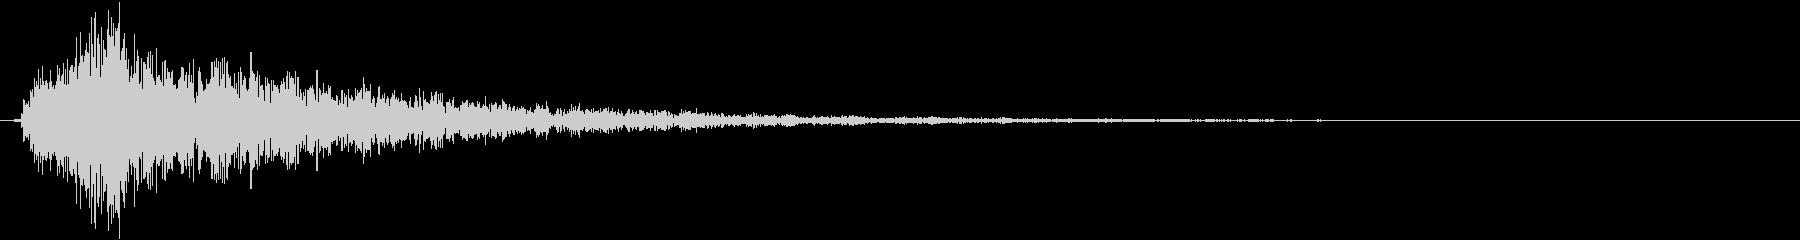 ベースインパクト;トーナルベル。の未再生の波形